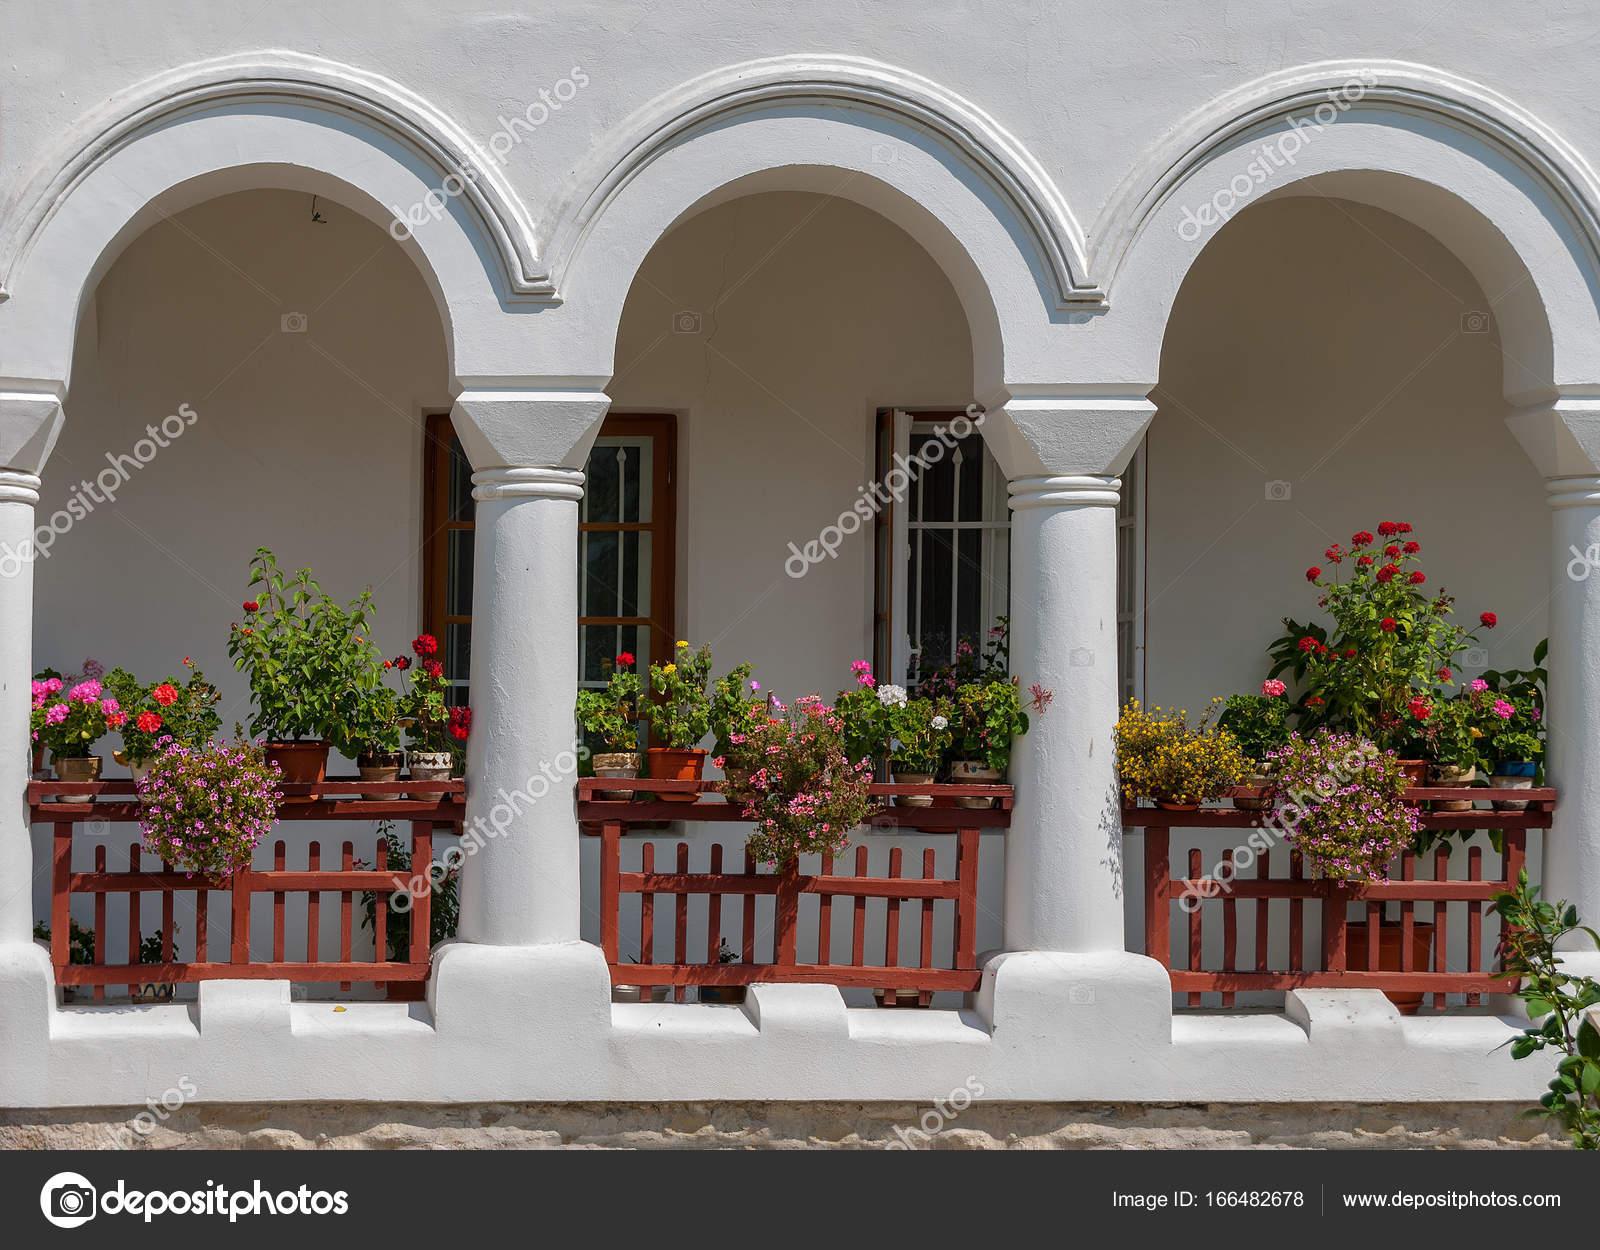 Mittelalterlichen Holzernen Balkon Mit Blumen Stockfoto